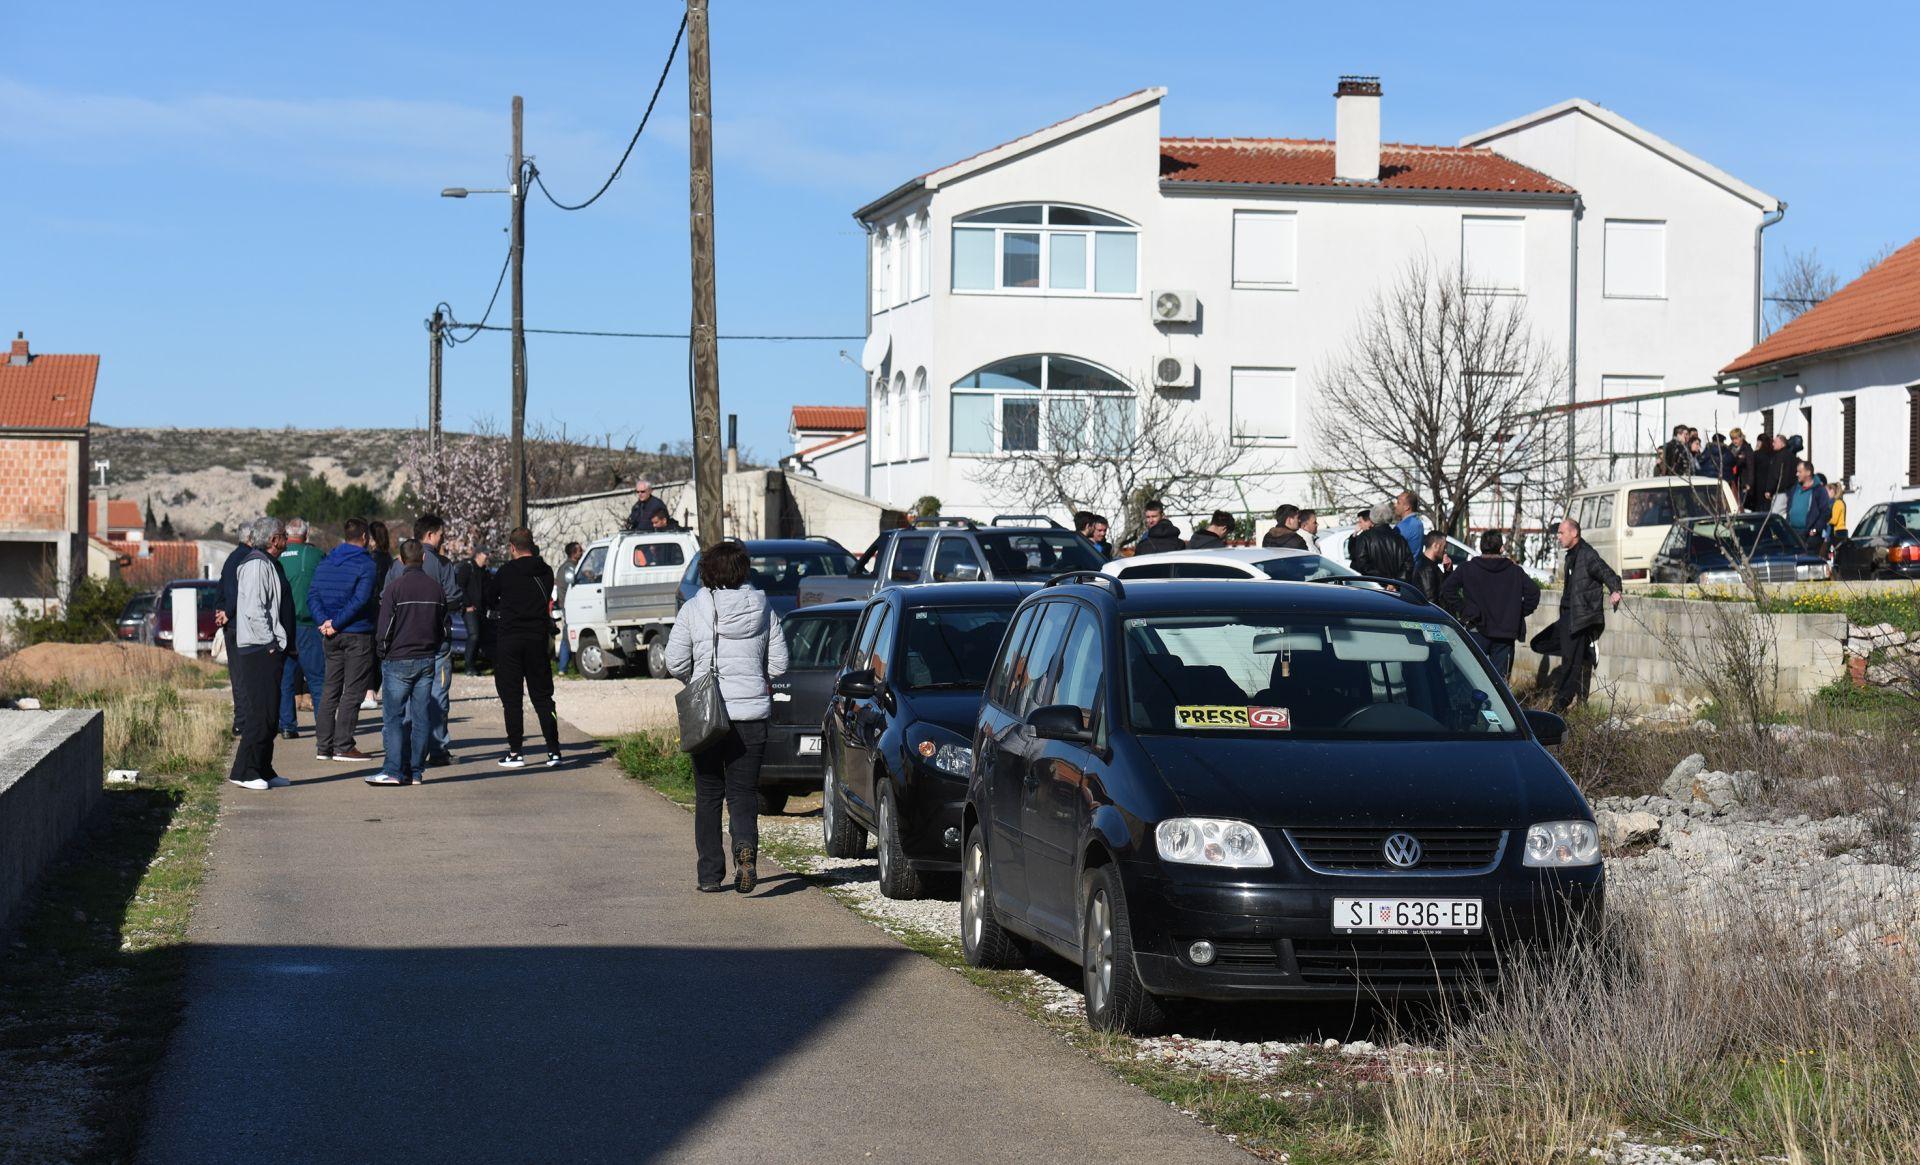 DRAMA U MASLENICI KOD ZADRA: Socijalni radnici žele oduzeti djecu roditeljima, mještani napravili blokadu